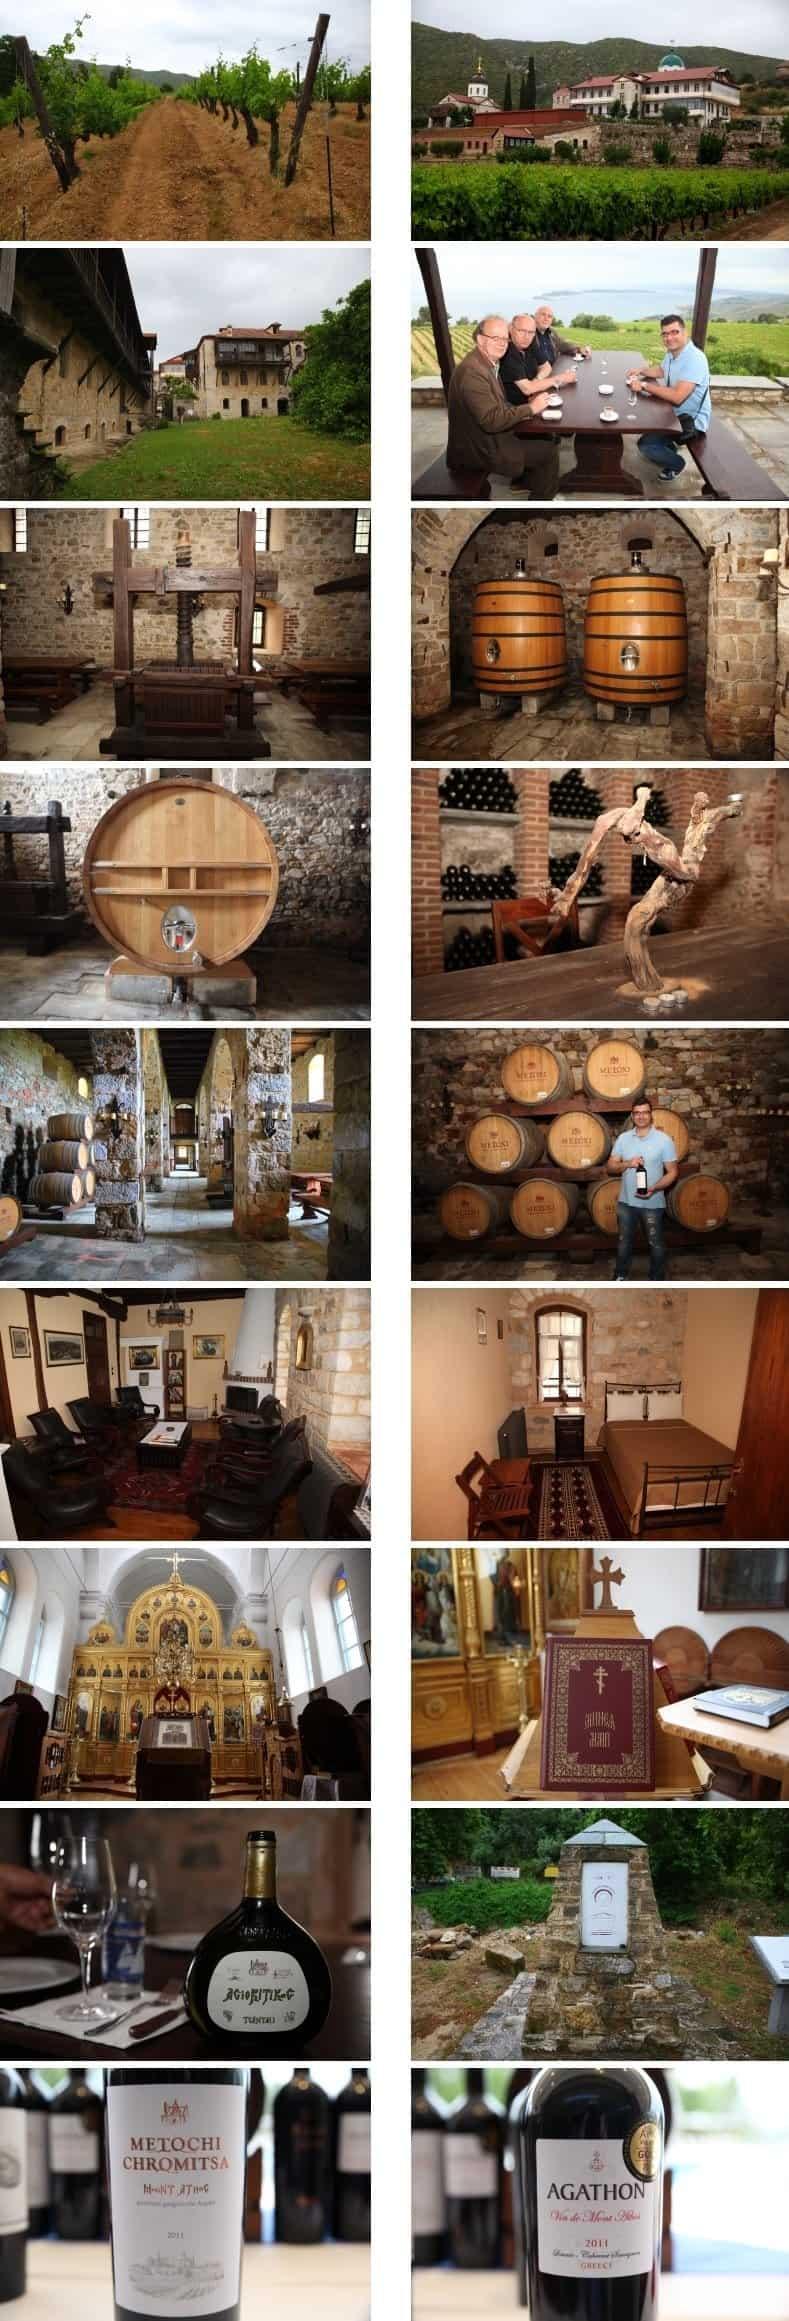 Weinproduktion Mount Athos Foto: Matthias Dikert